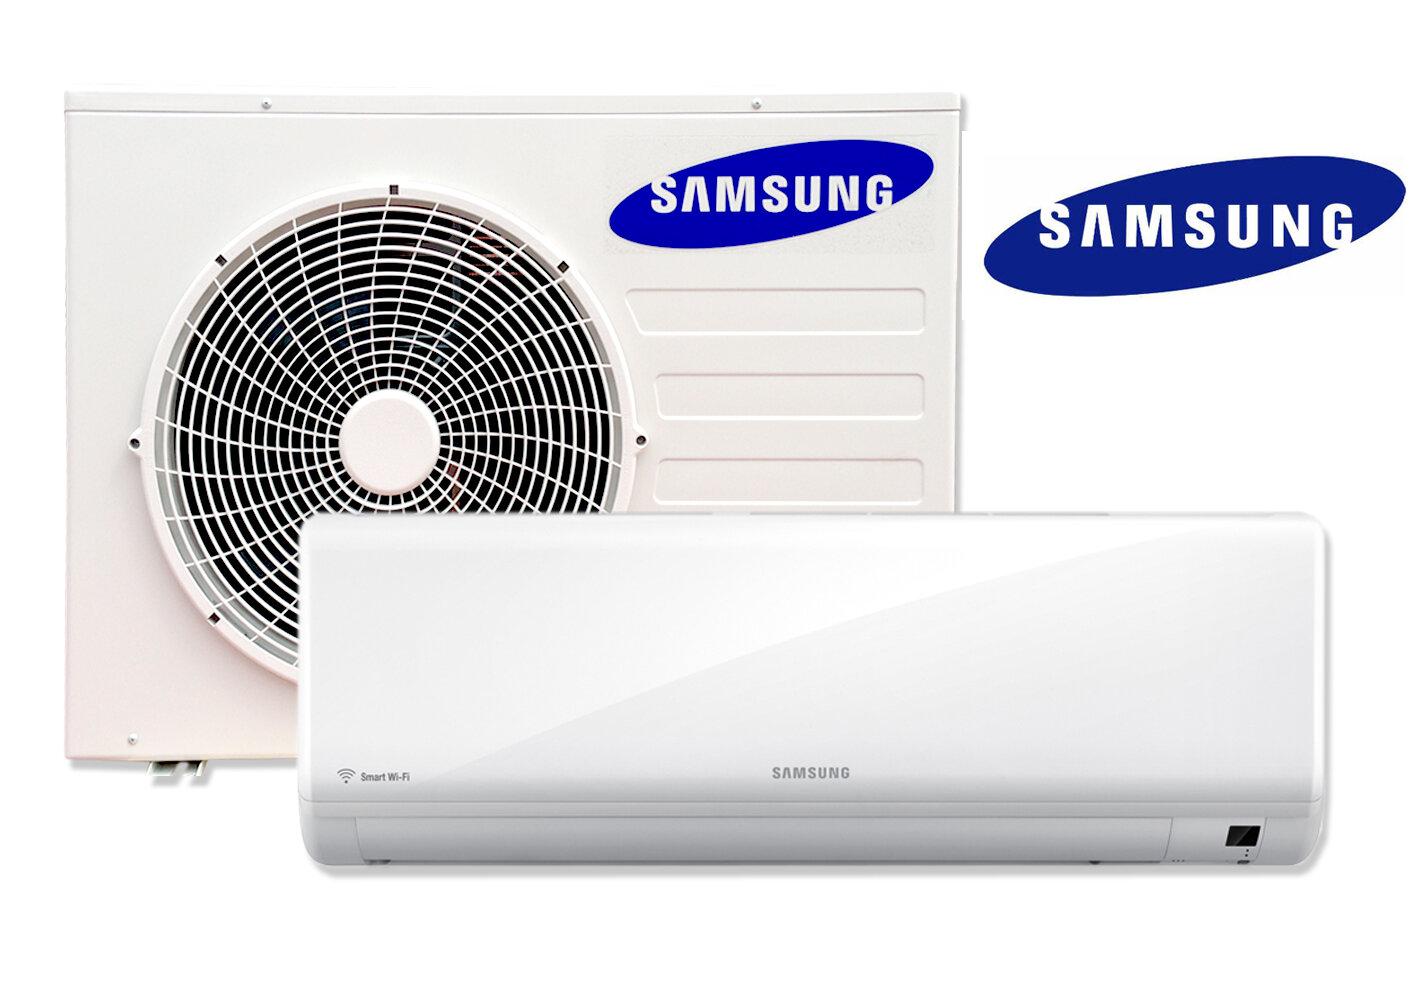 Bảng giá các dòng điều hòa máy lạnh Samsung 1 chiều cập nhật thị trường tháng 4/2016